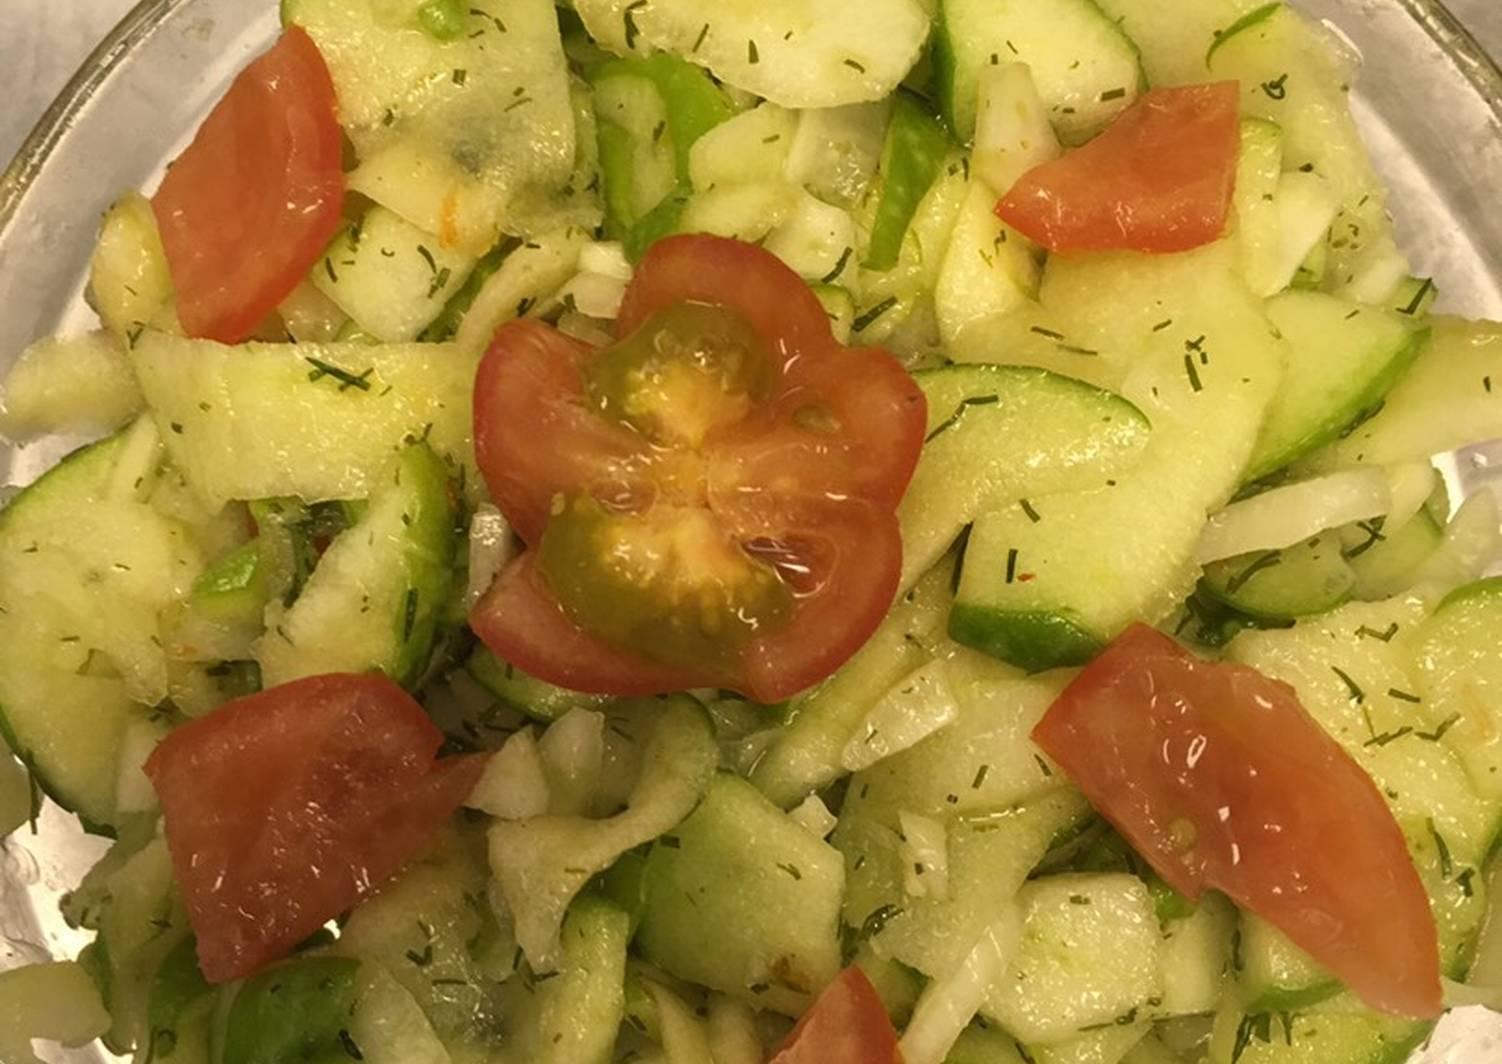 тех фенхель салат рецепты с фото жители заняты